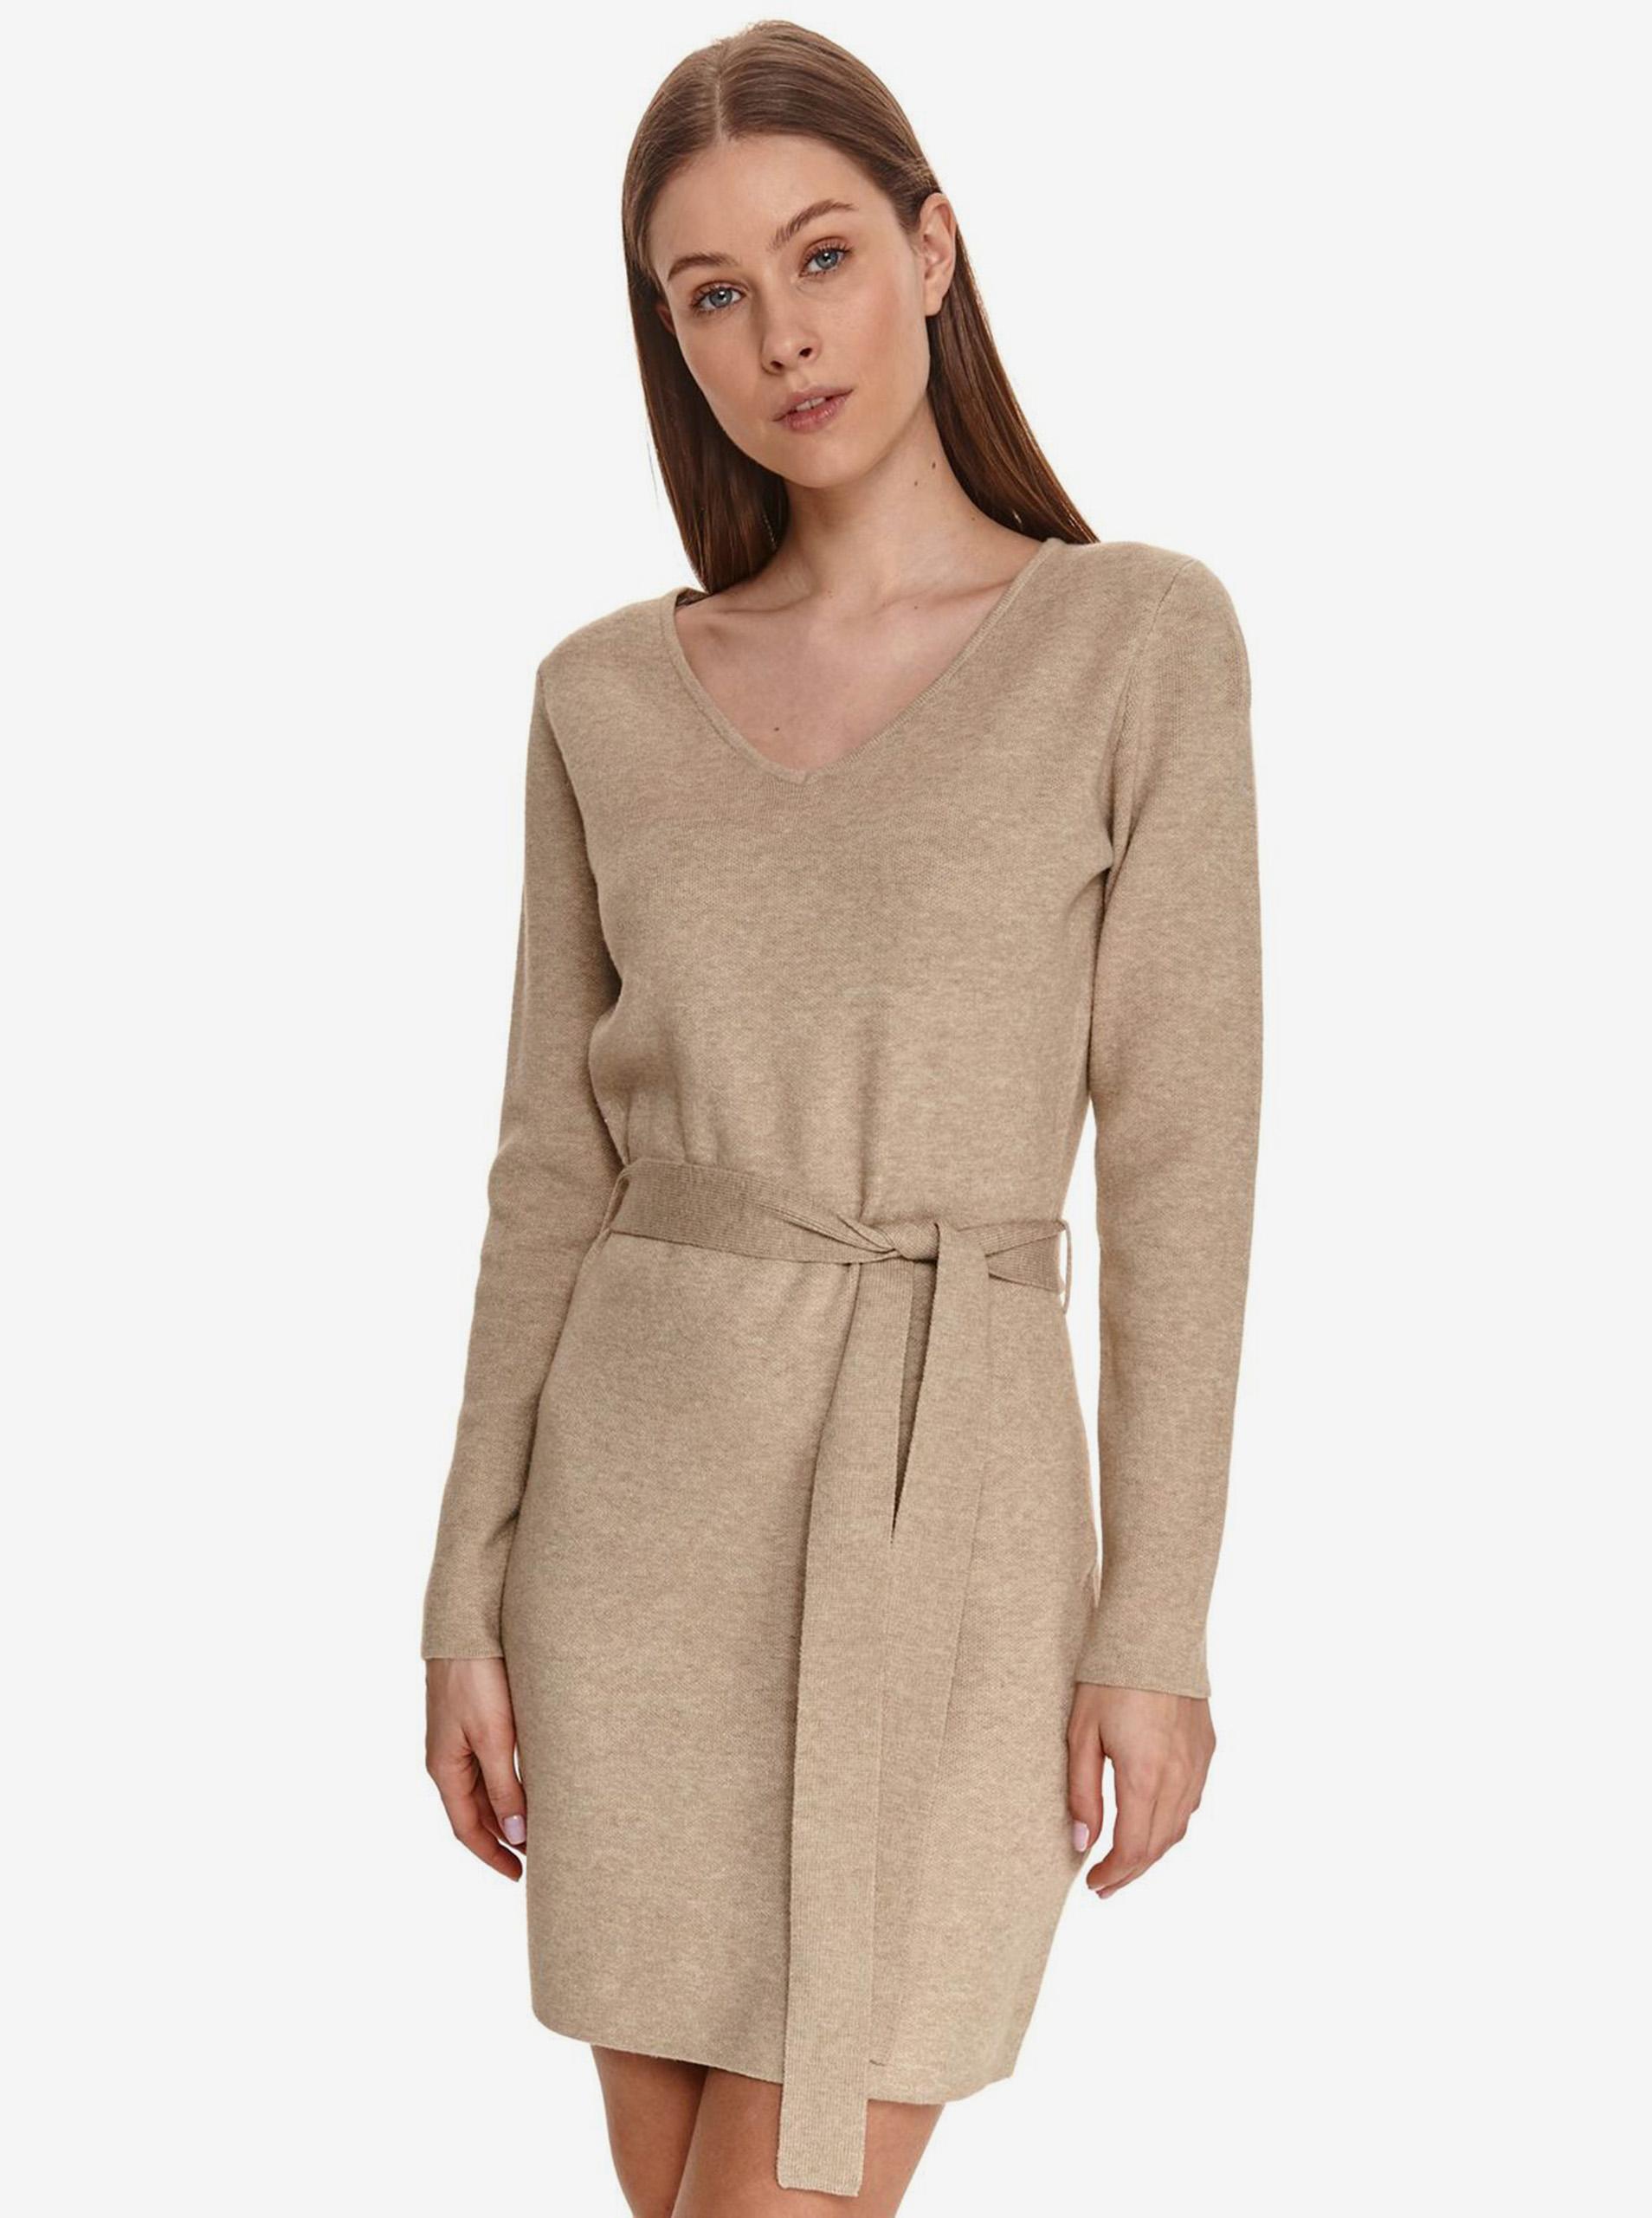 Béžové dámske šaty so zaväzovaním v páse TOP SECRET - L